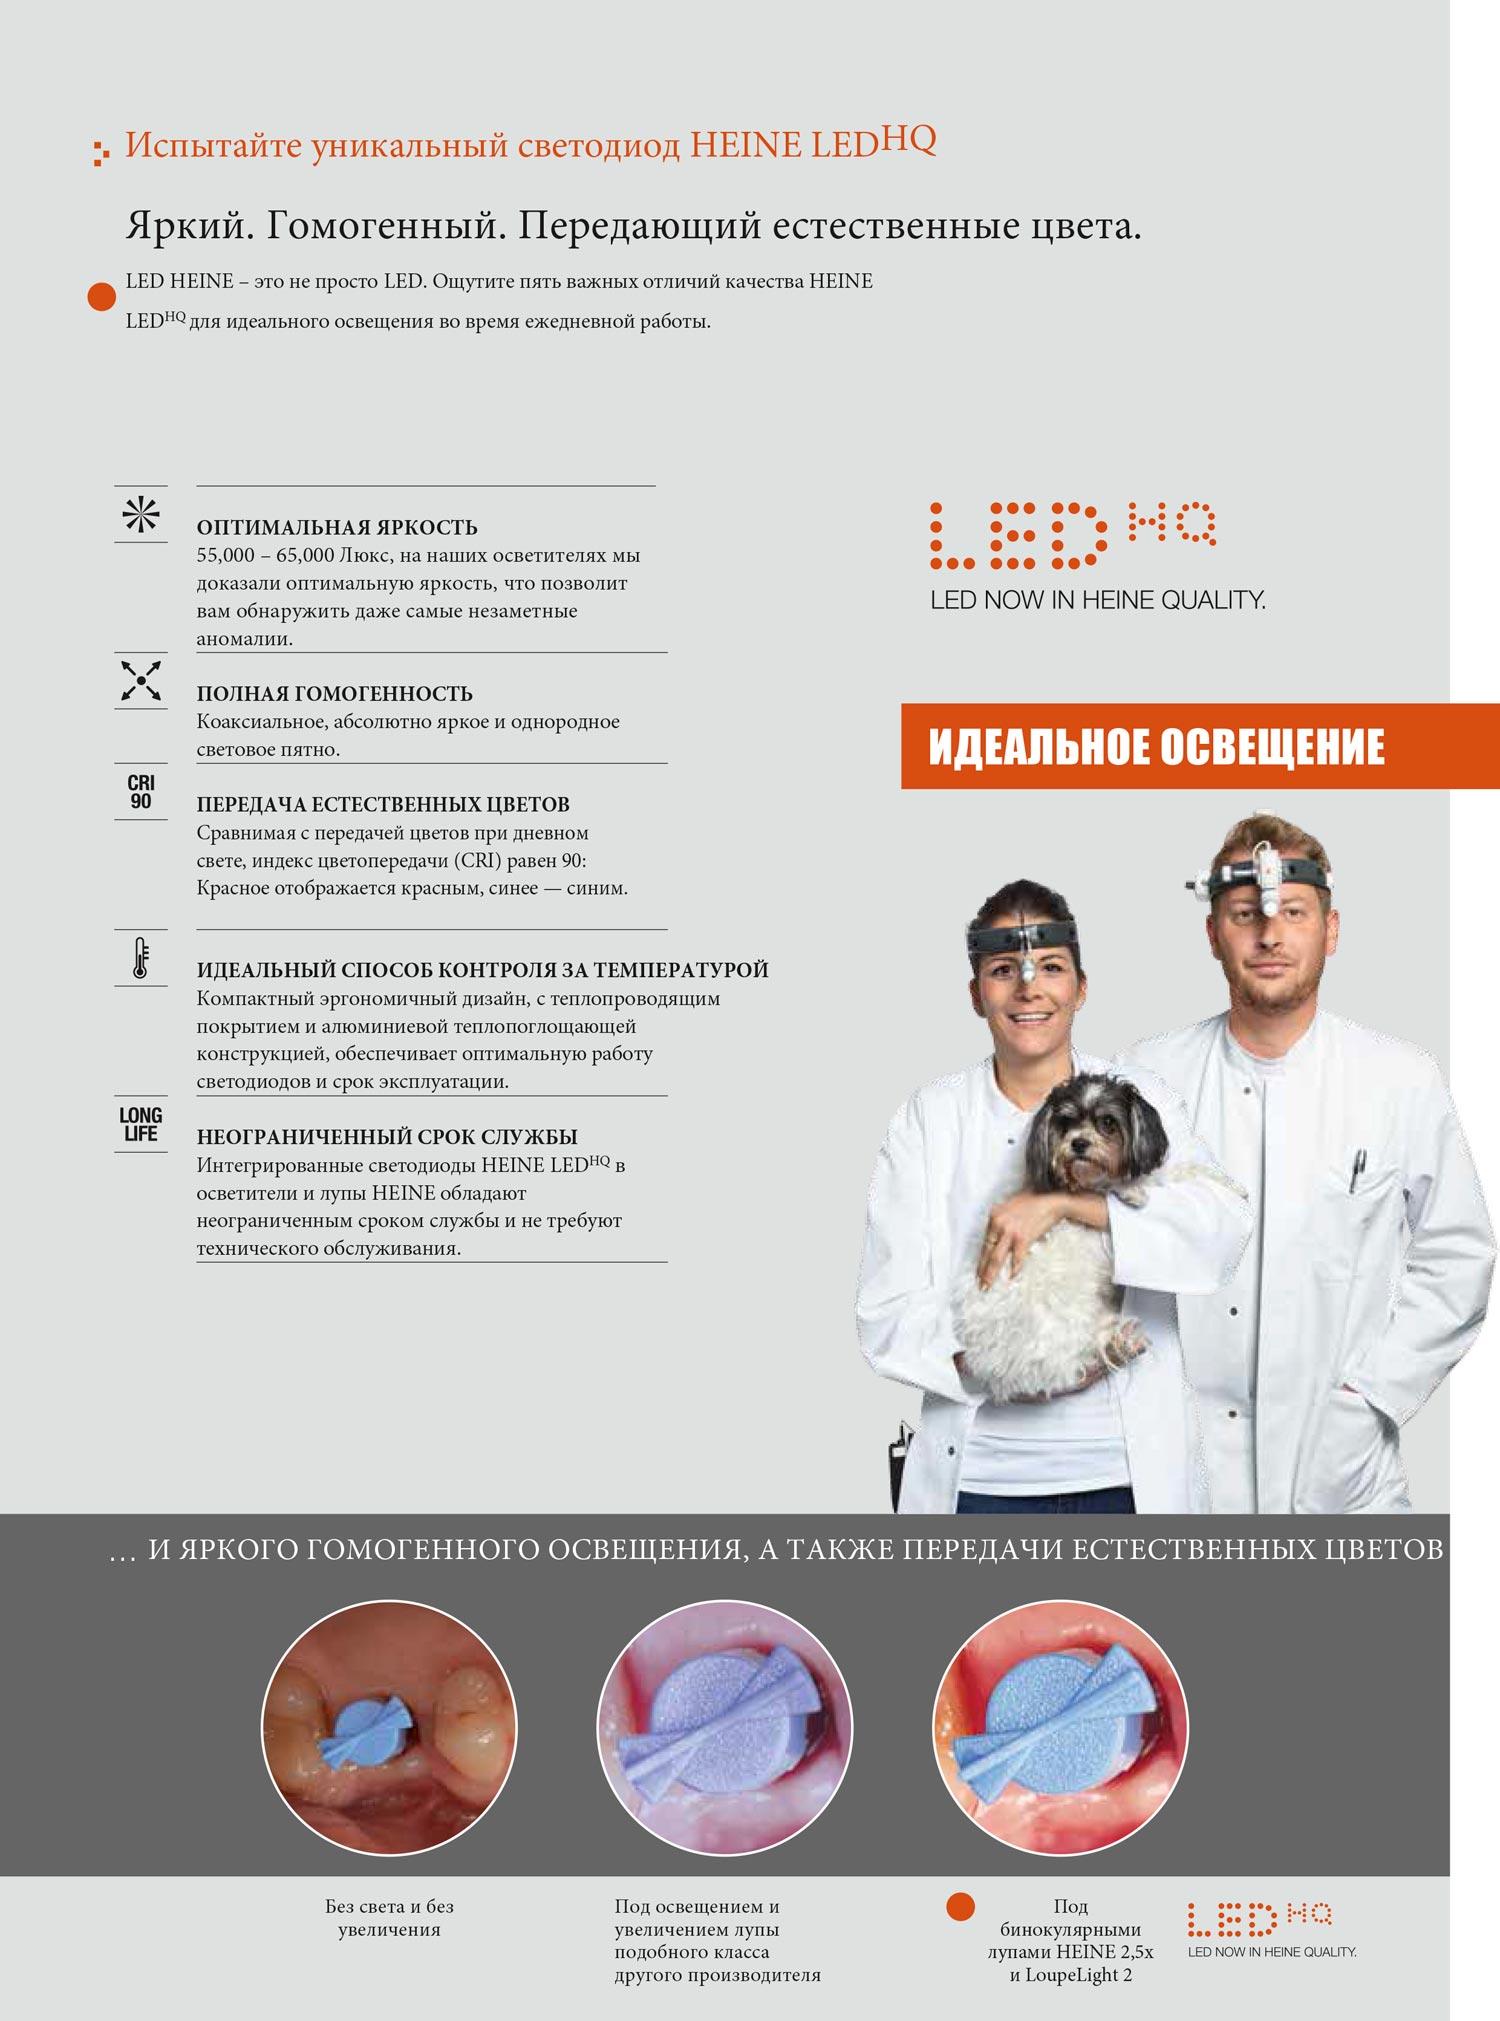 Бинокулярная оптика - фото Испытайте уникальный светодиод HEINE LEDHQ. Яркий. Гомогенный.